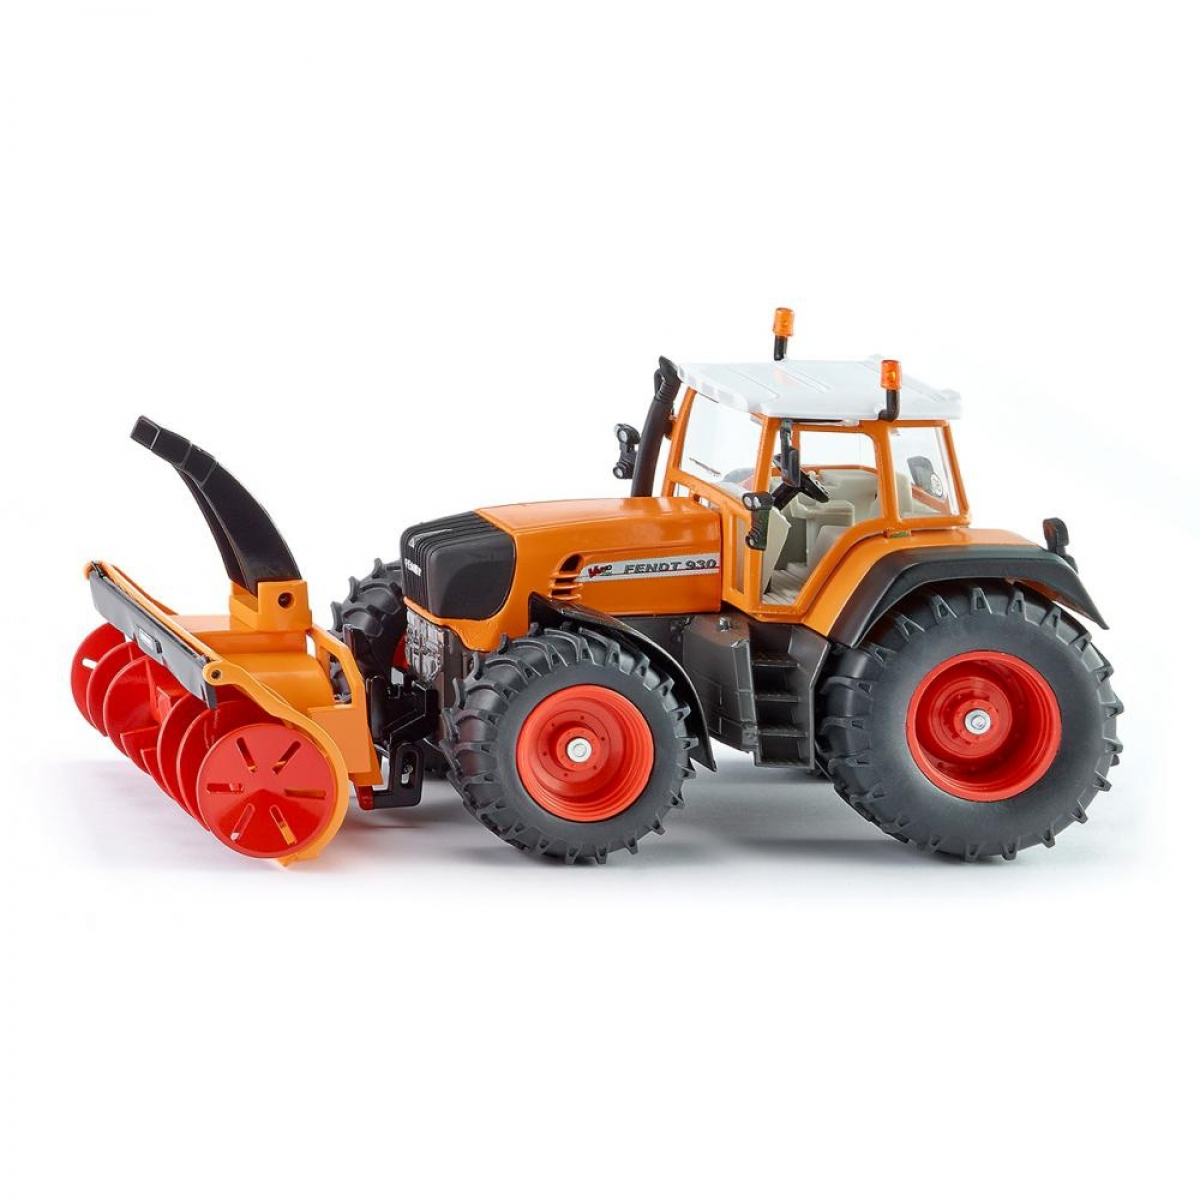 Cxserie 3punkt Schneefräse Traktor Schneefräse: SIKU 3660 Fendt 920 Traktor Mit Schmidt Schneefräse 1:32